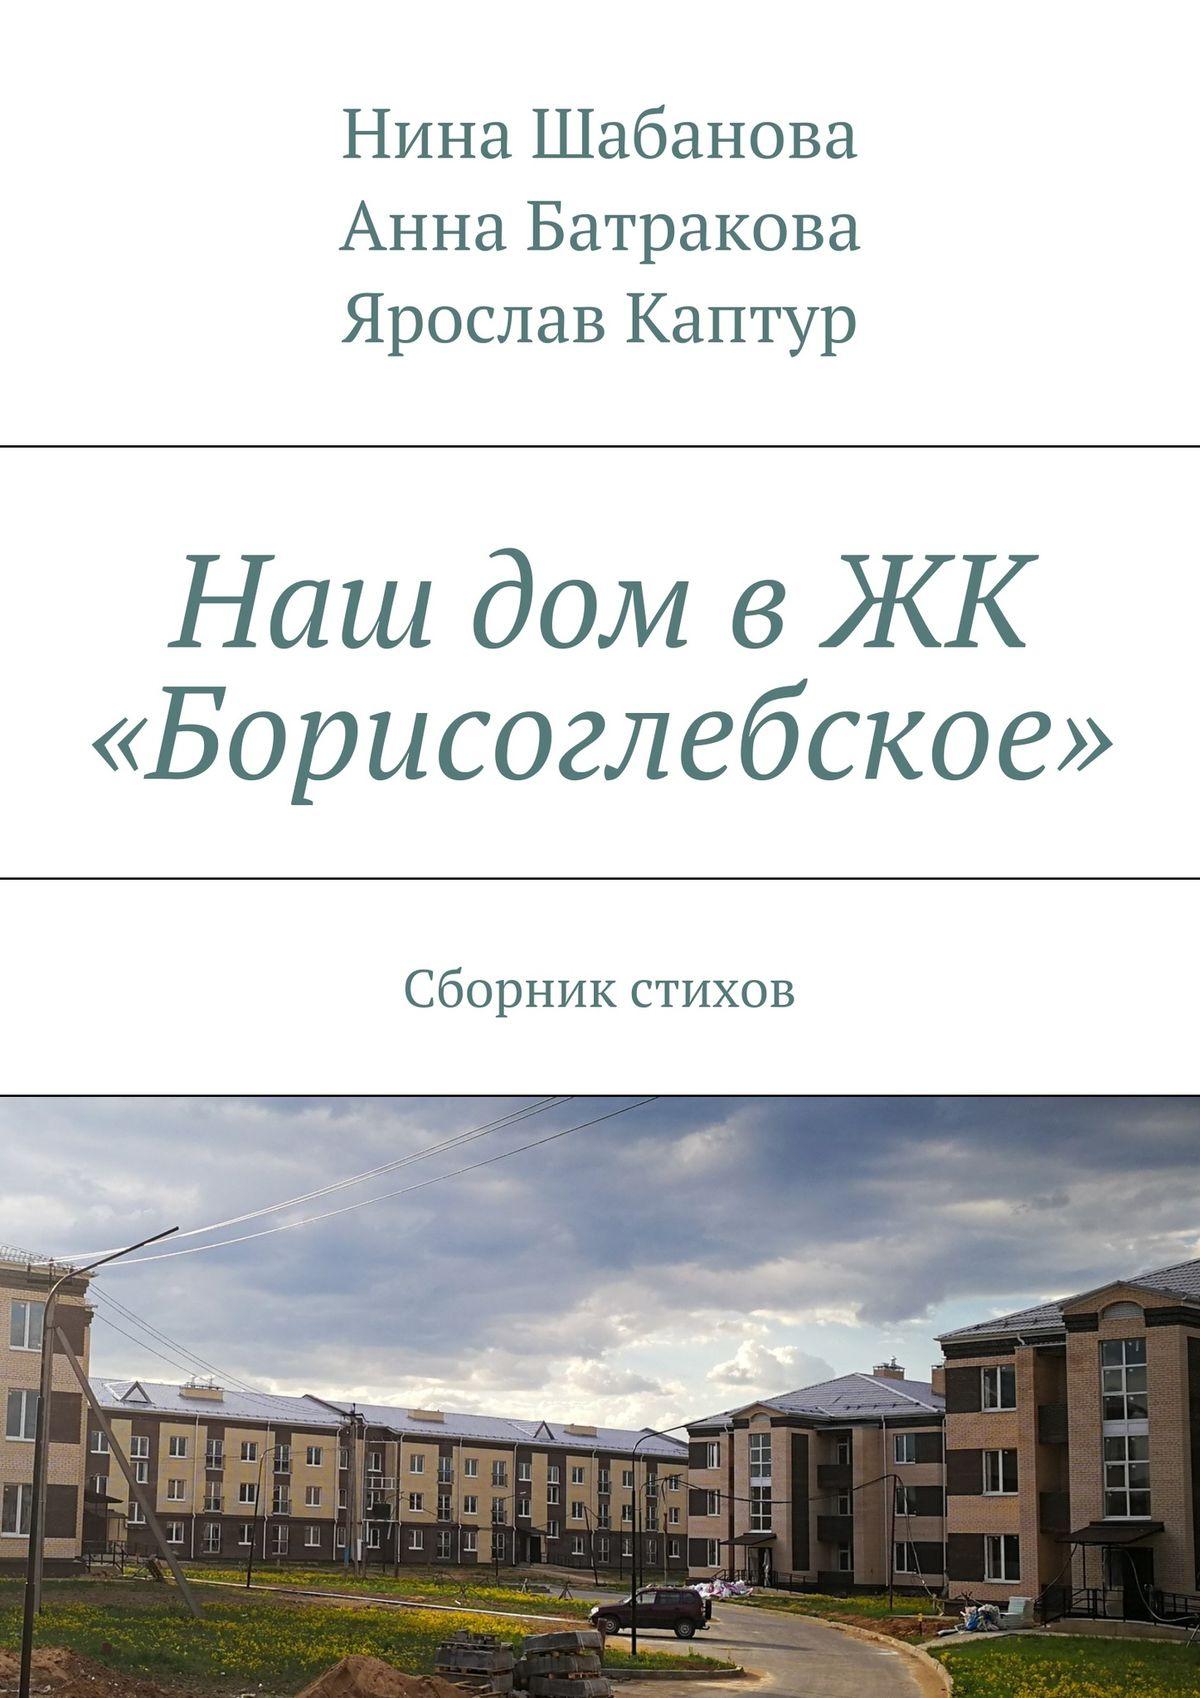 Нина Шабанова Наш дом в ЖК «Борисоглебское». Сборник стихов